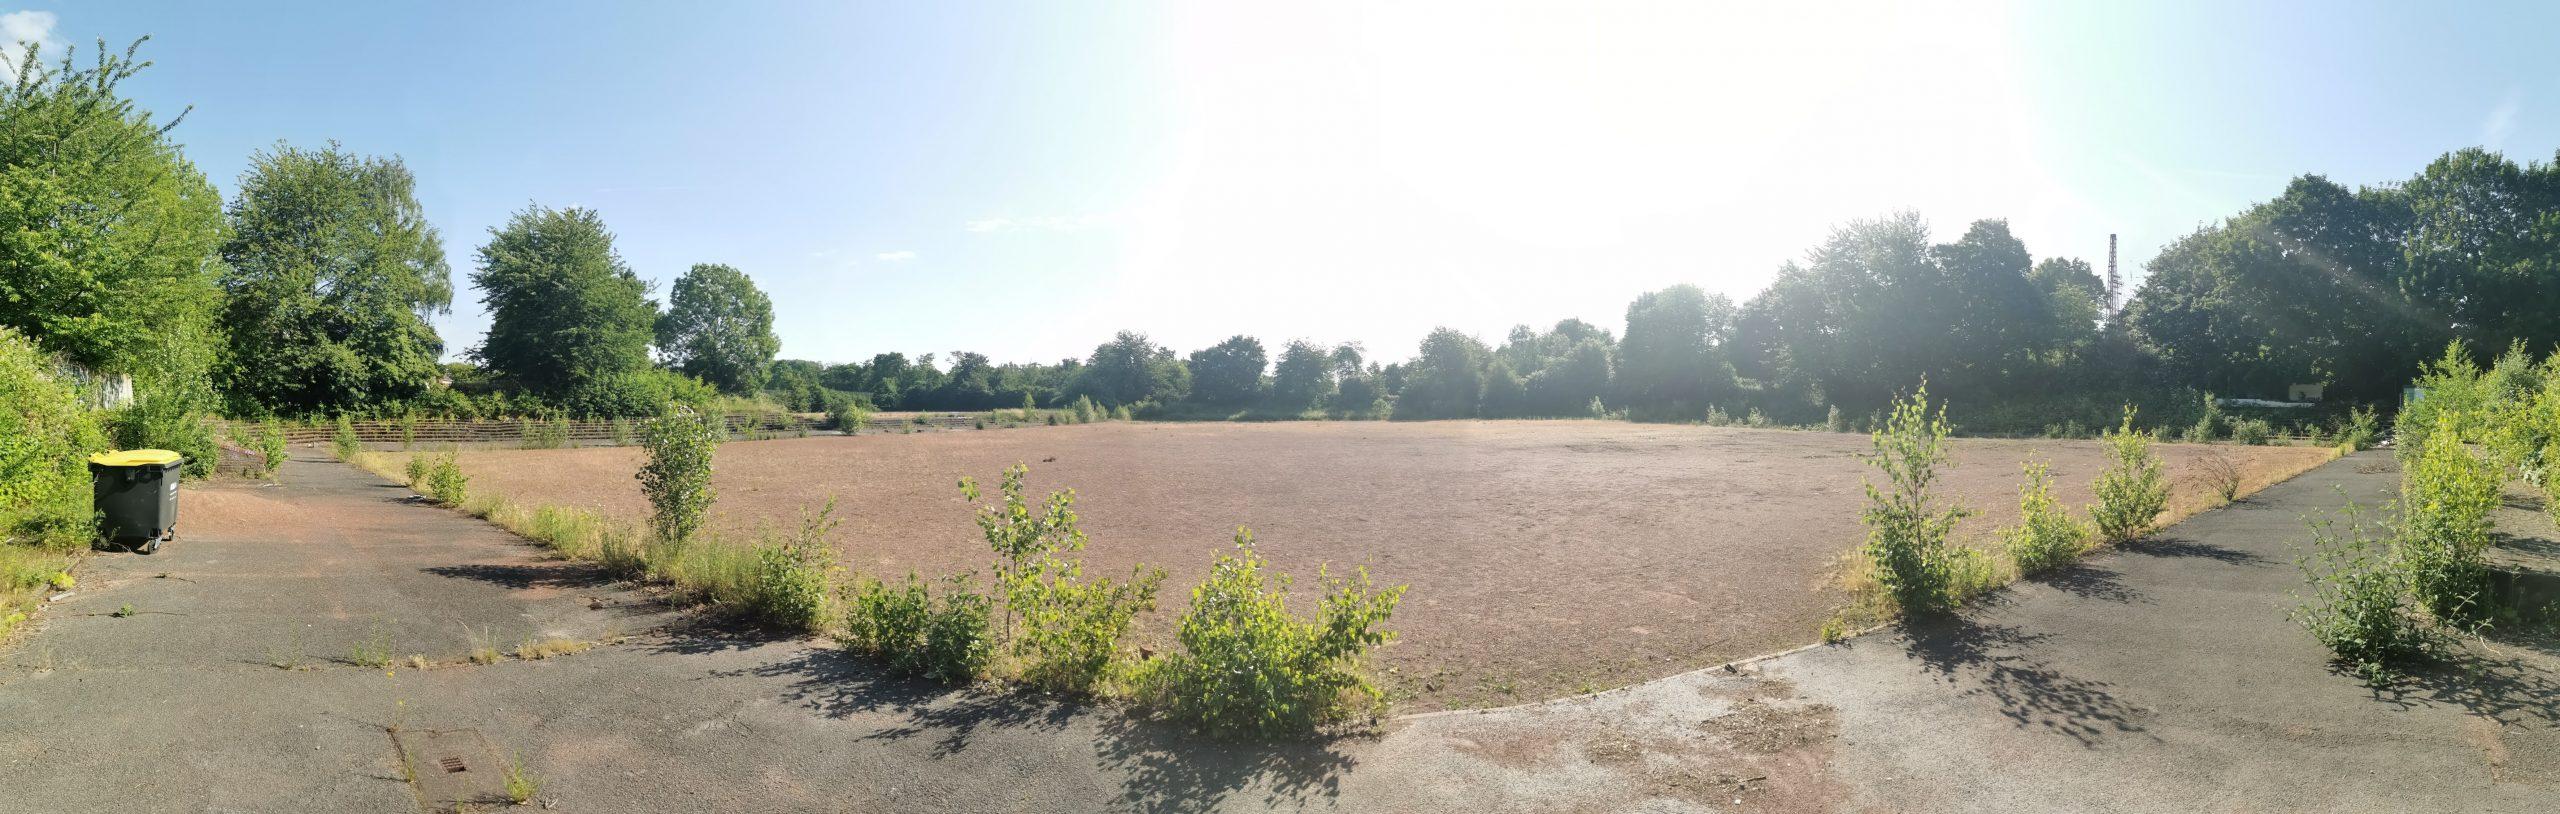 Stadion Lindenbruch